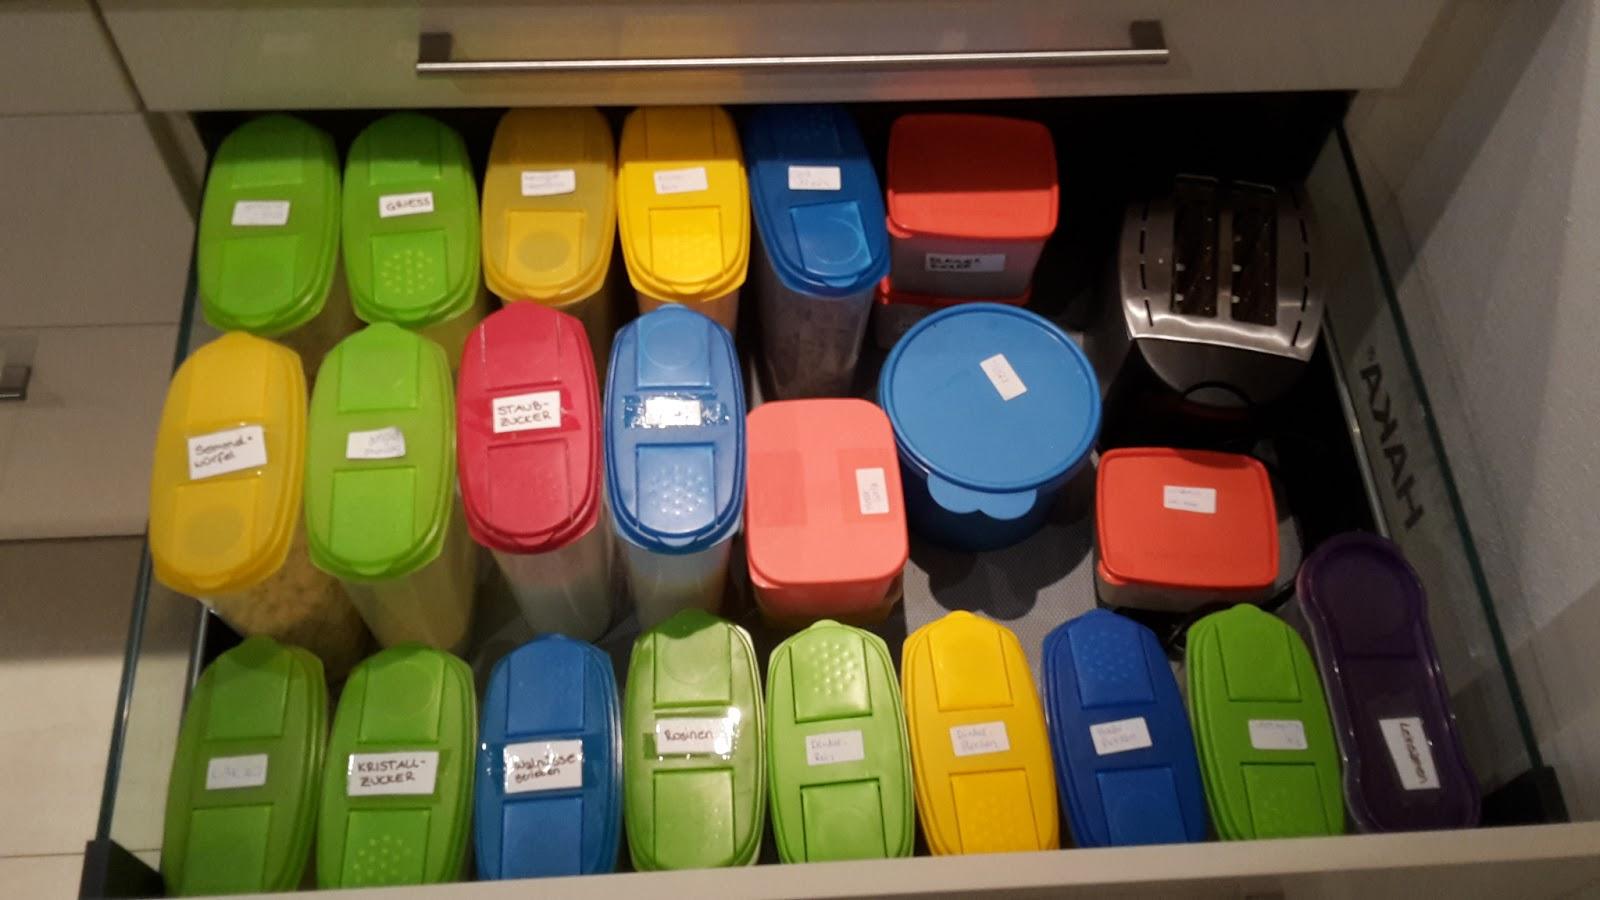 Küchen Aufbewahrungsbehälter abfallarme aufbewahrung in der küche